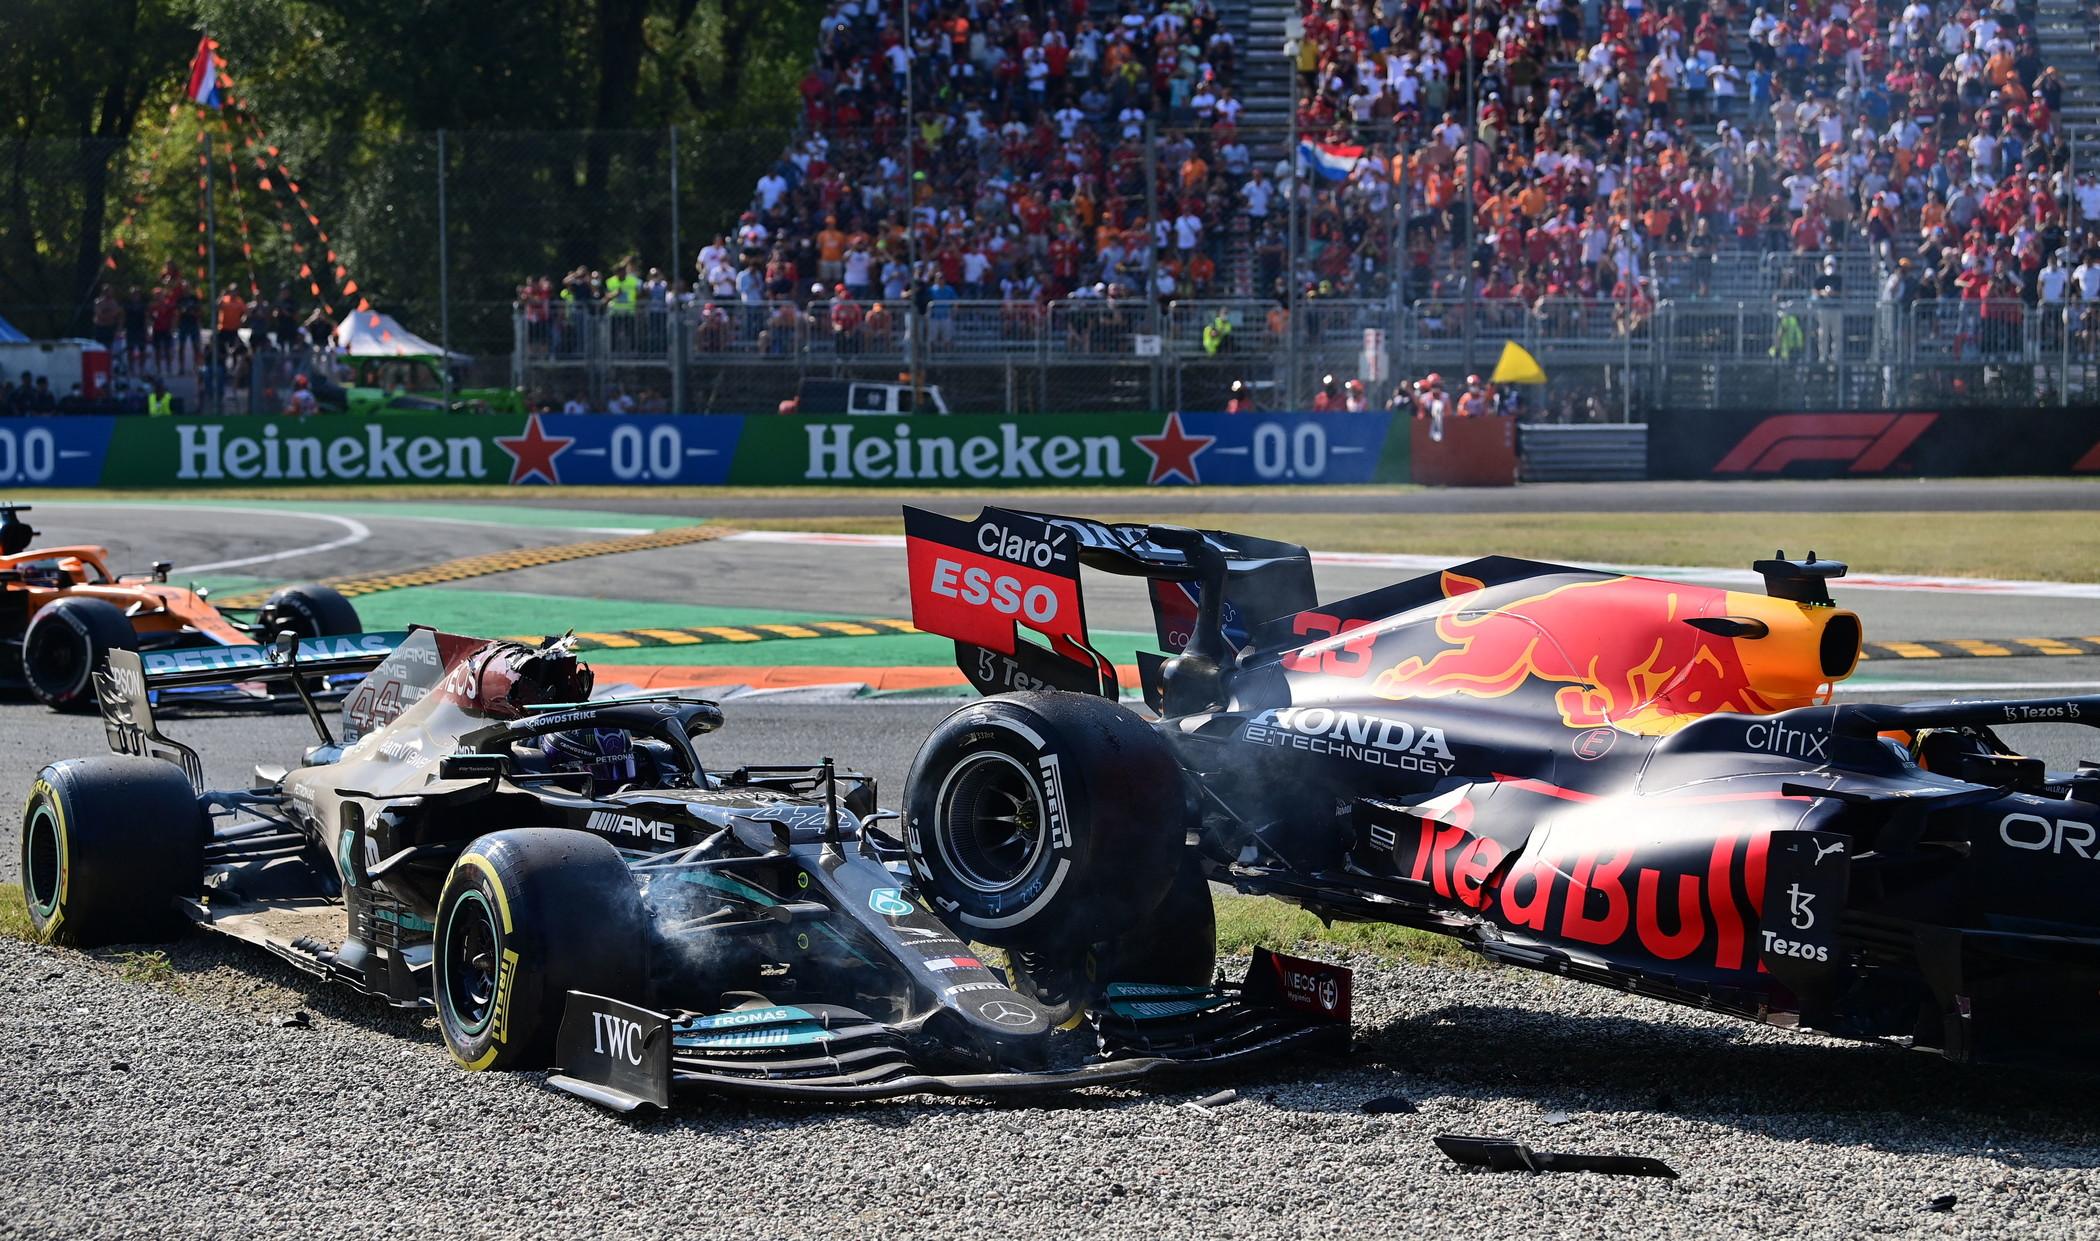 Incredibile colpo di scena al 26&deg;&nbsp;giro del Gran Premio d&#39;Italia a Monza. I due sfidanti per il titolo, Max Verstappen e Lewis Hamilton si son speronati in curva a vicenda finendo entrambi sulla ghiaia con la Red Bull&nbsp;dell&#39;olandese sopra la Mercedes del campione del mondo, salvo per miracolo grazie al nuovo sistema di protezione del pilota detto Halo. Entrambi sono finiti fuori gara.<br /><br />